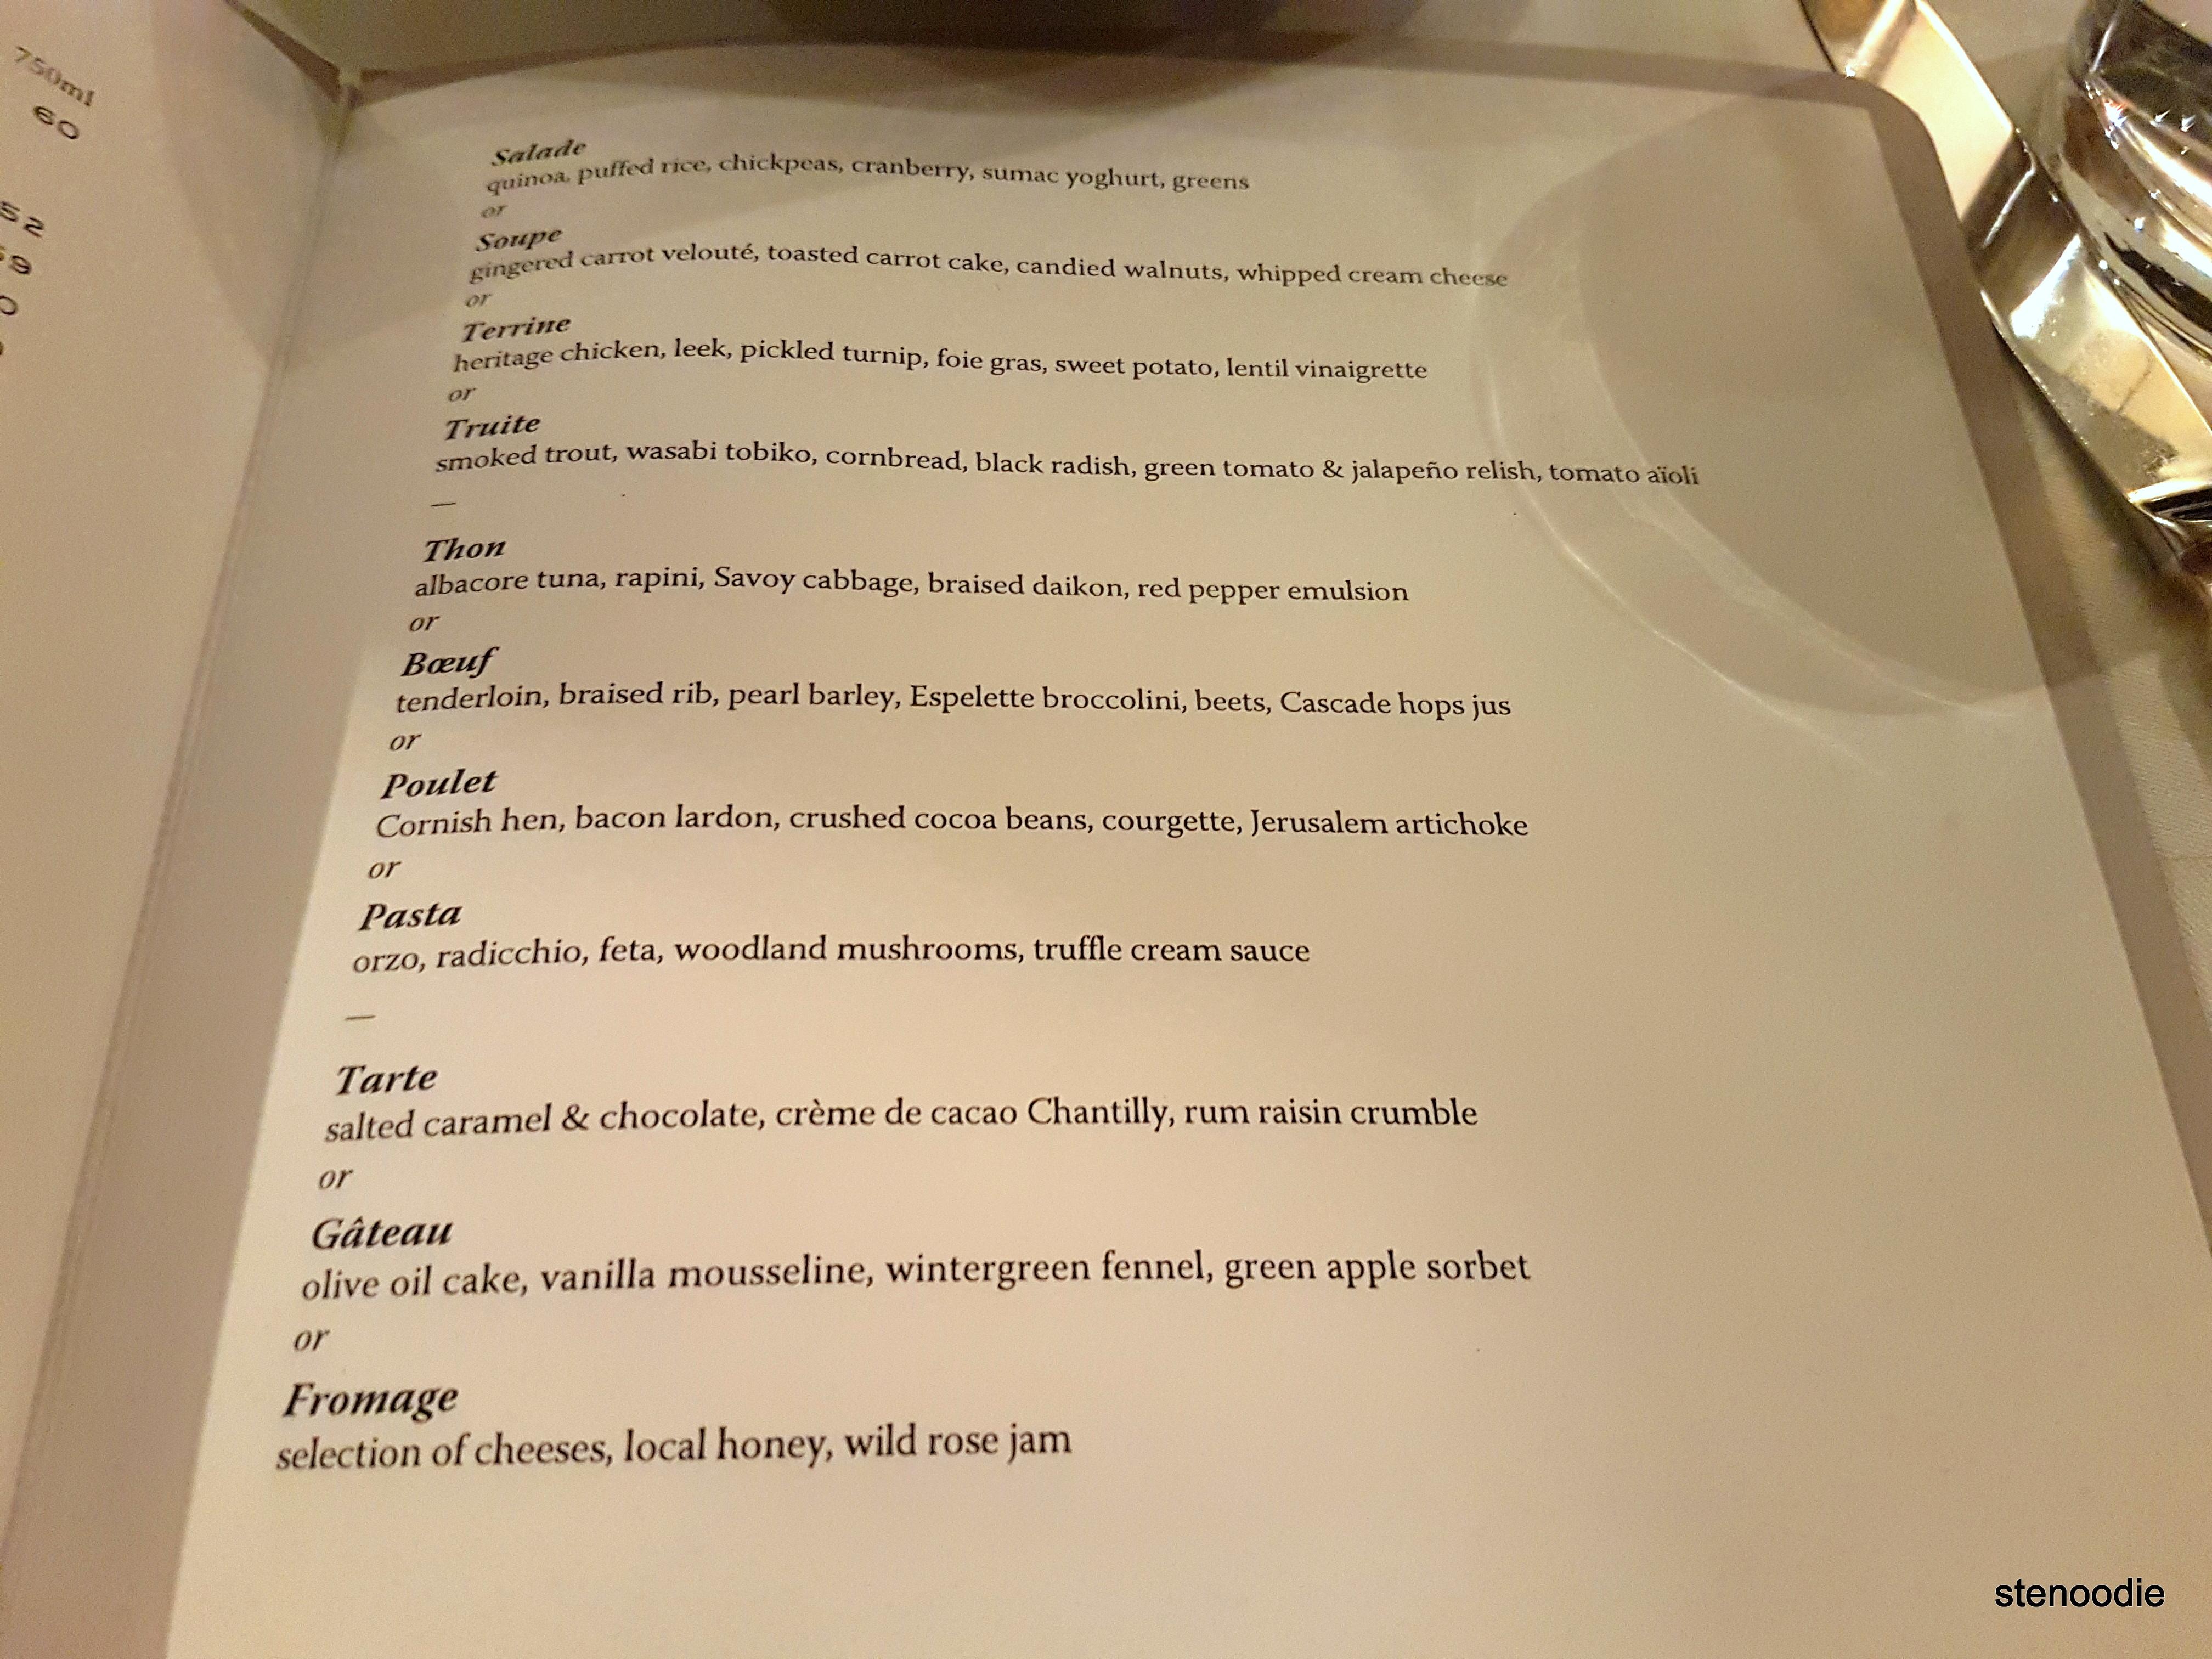 Auberge du Pommier Winterlicious menu